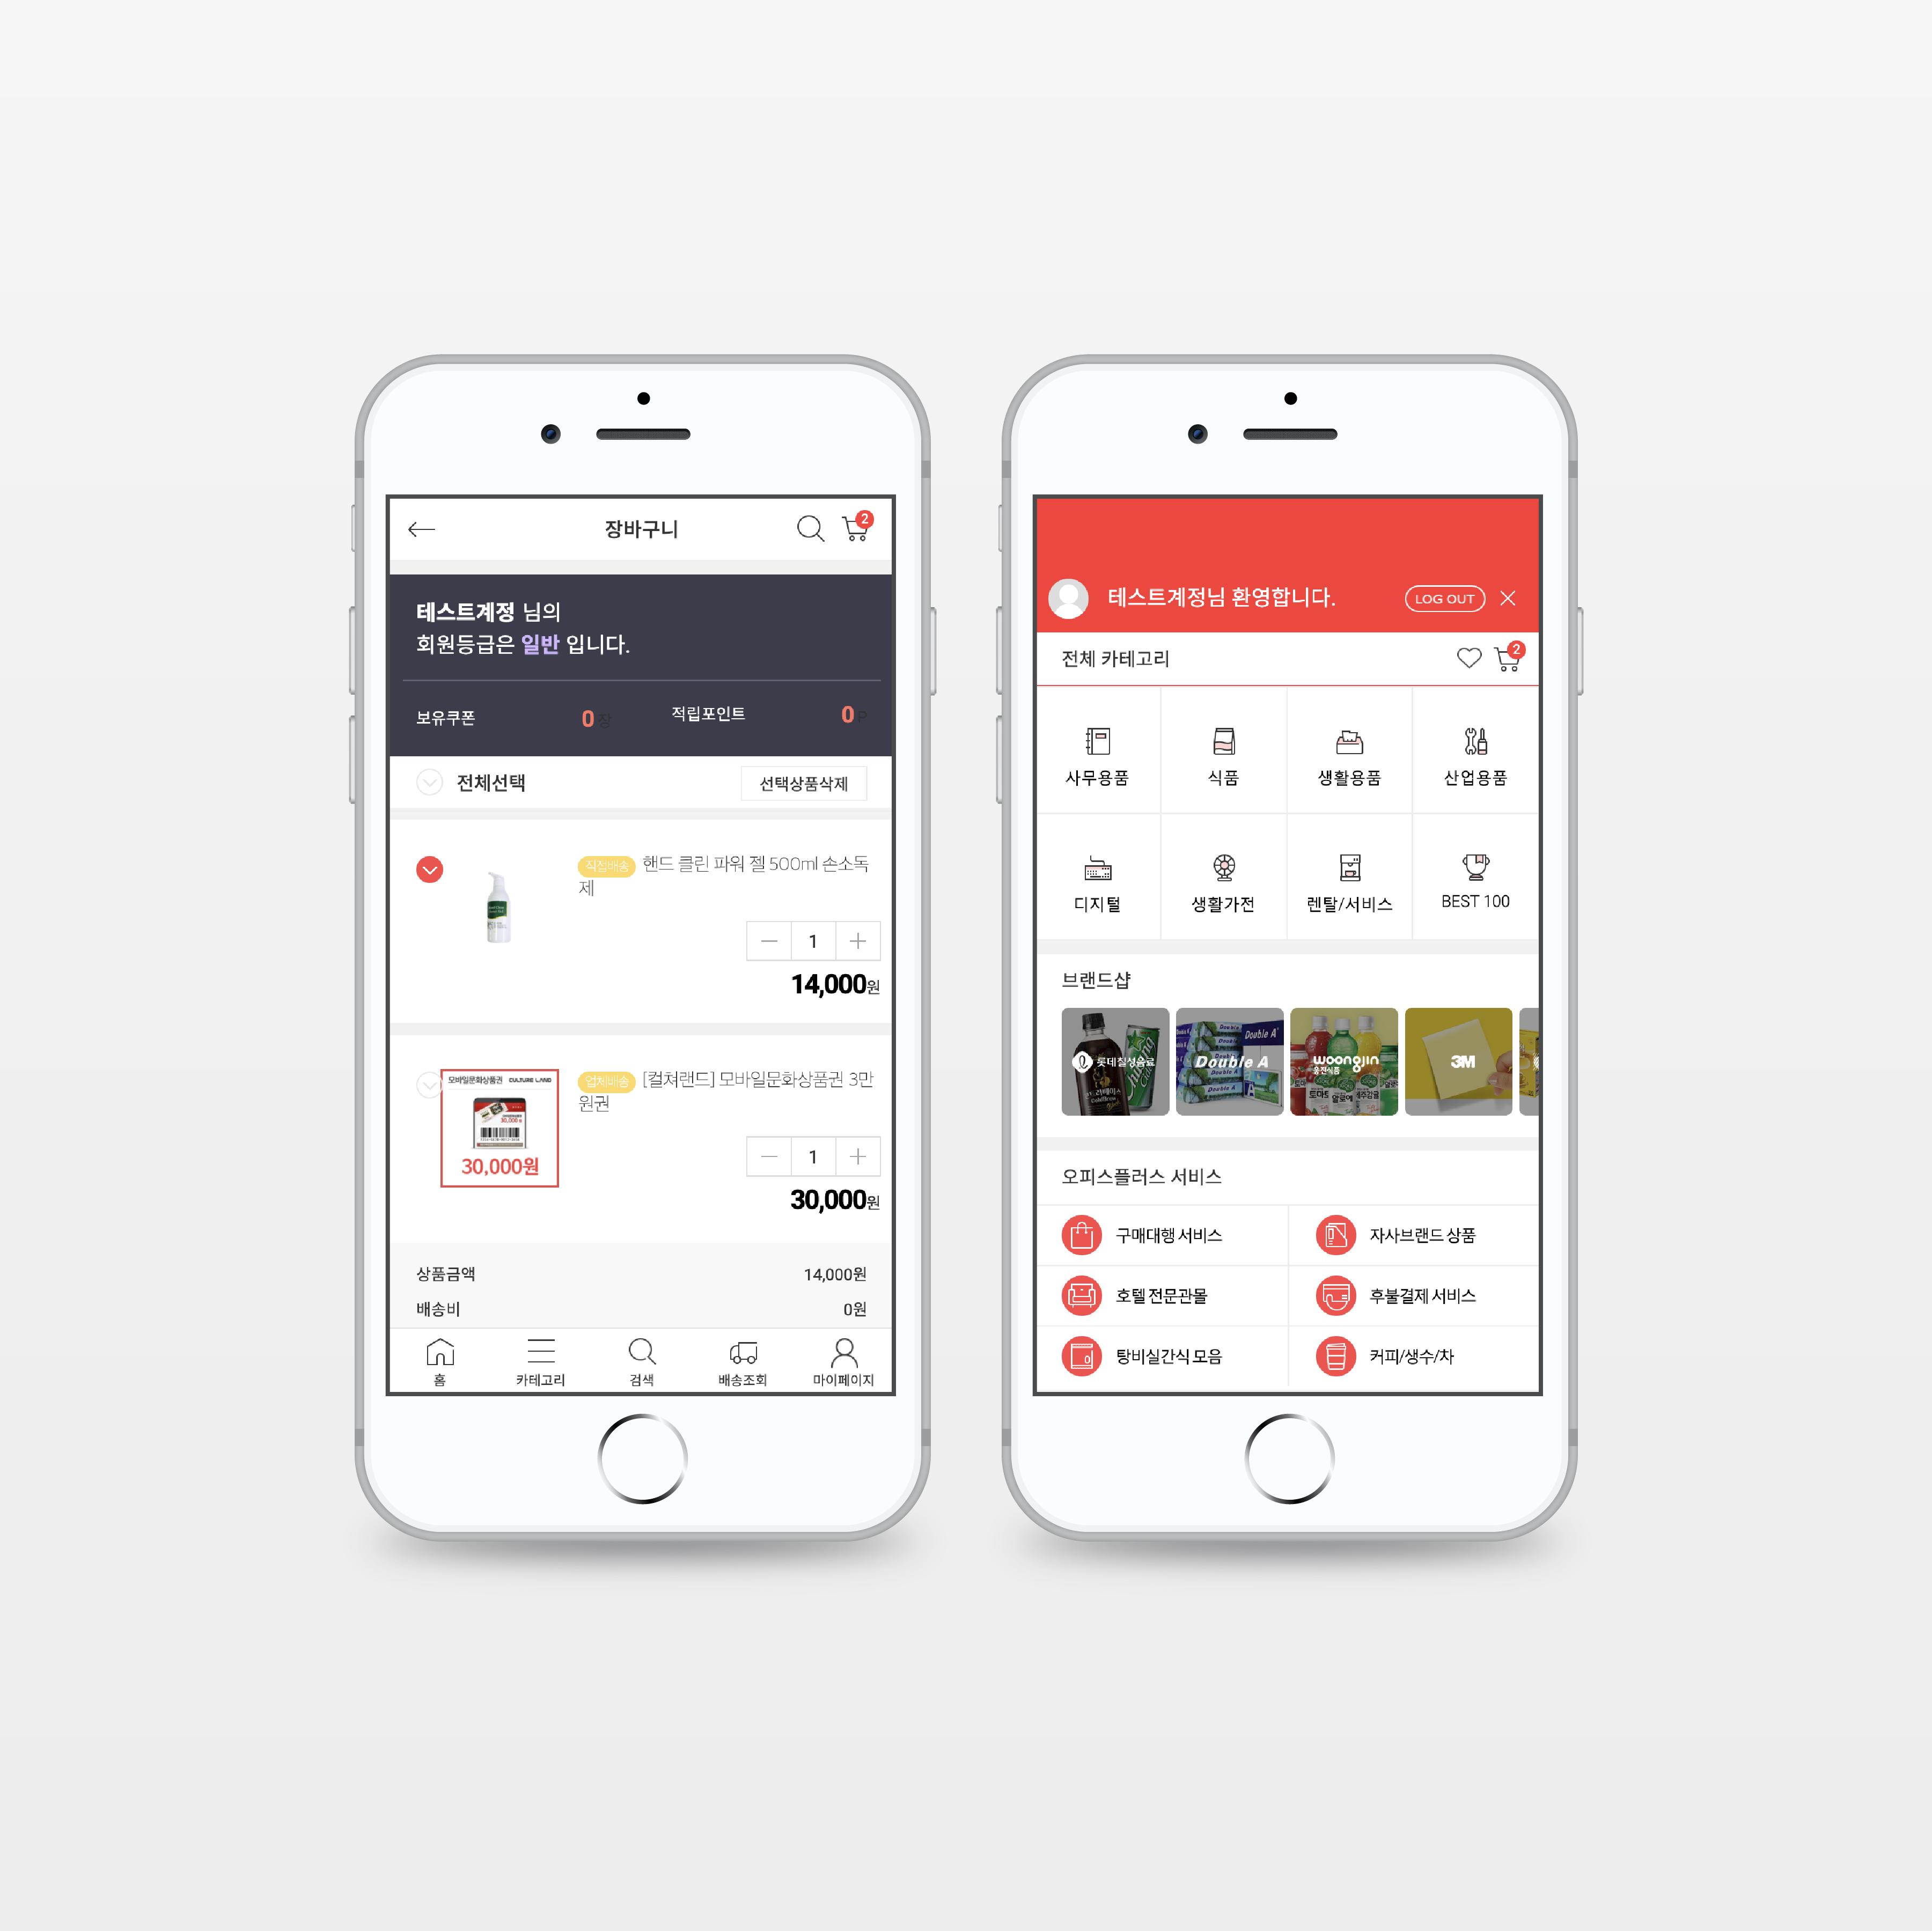 officeplus-app-02